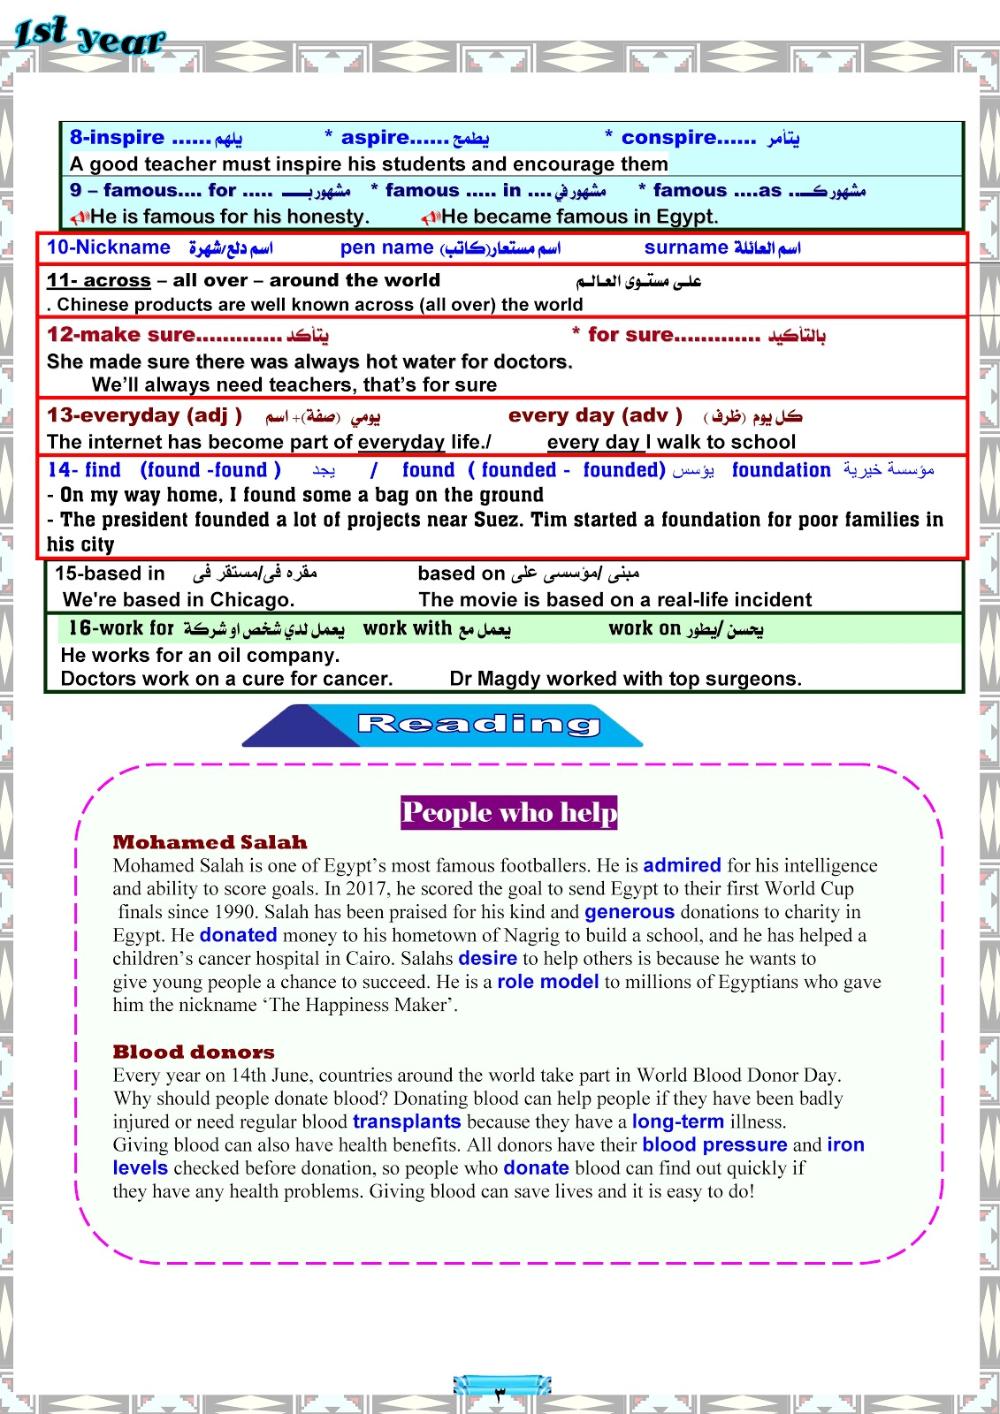 مذكرة المنهج الجديد للصف الاول الثانوي اللغة الانجليزية ترم اول 2020 مستر محمد فوزي Best Teacher Pen Name Encouragement